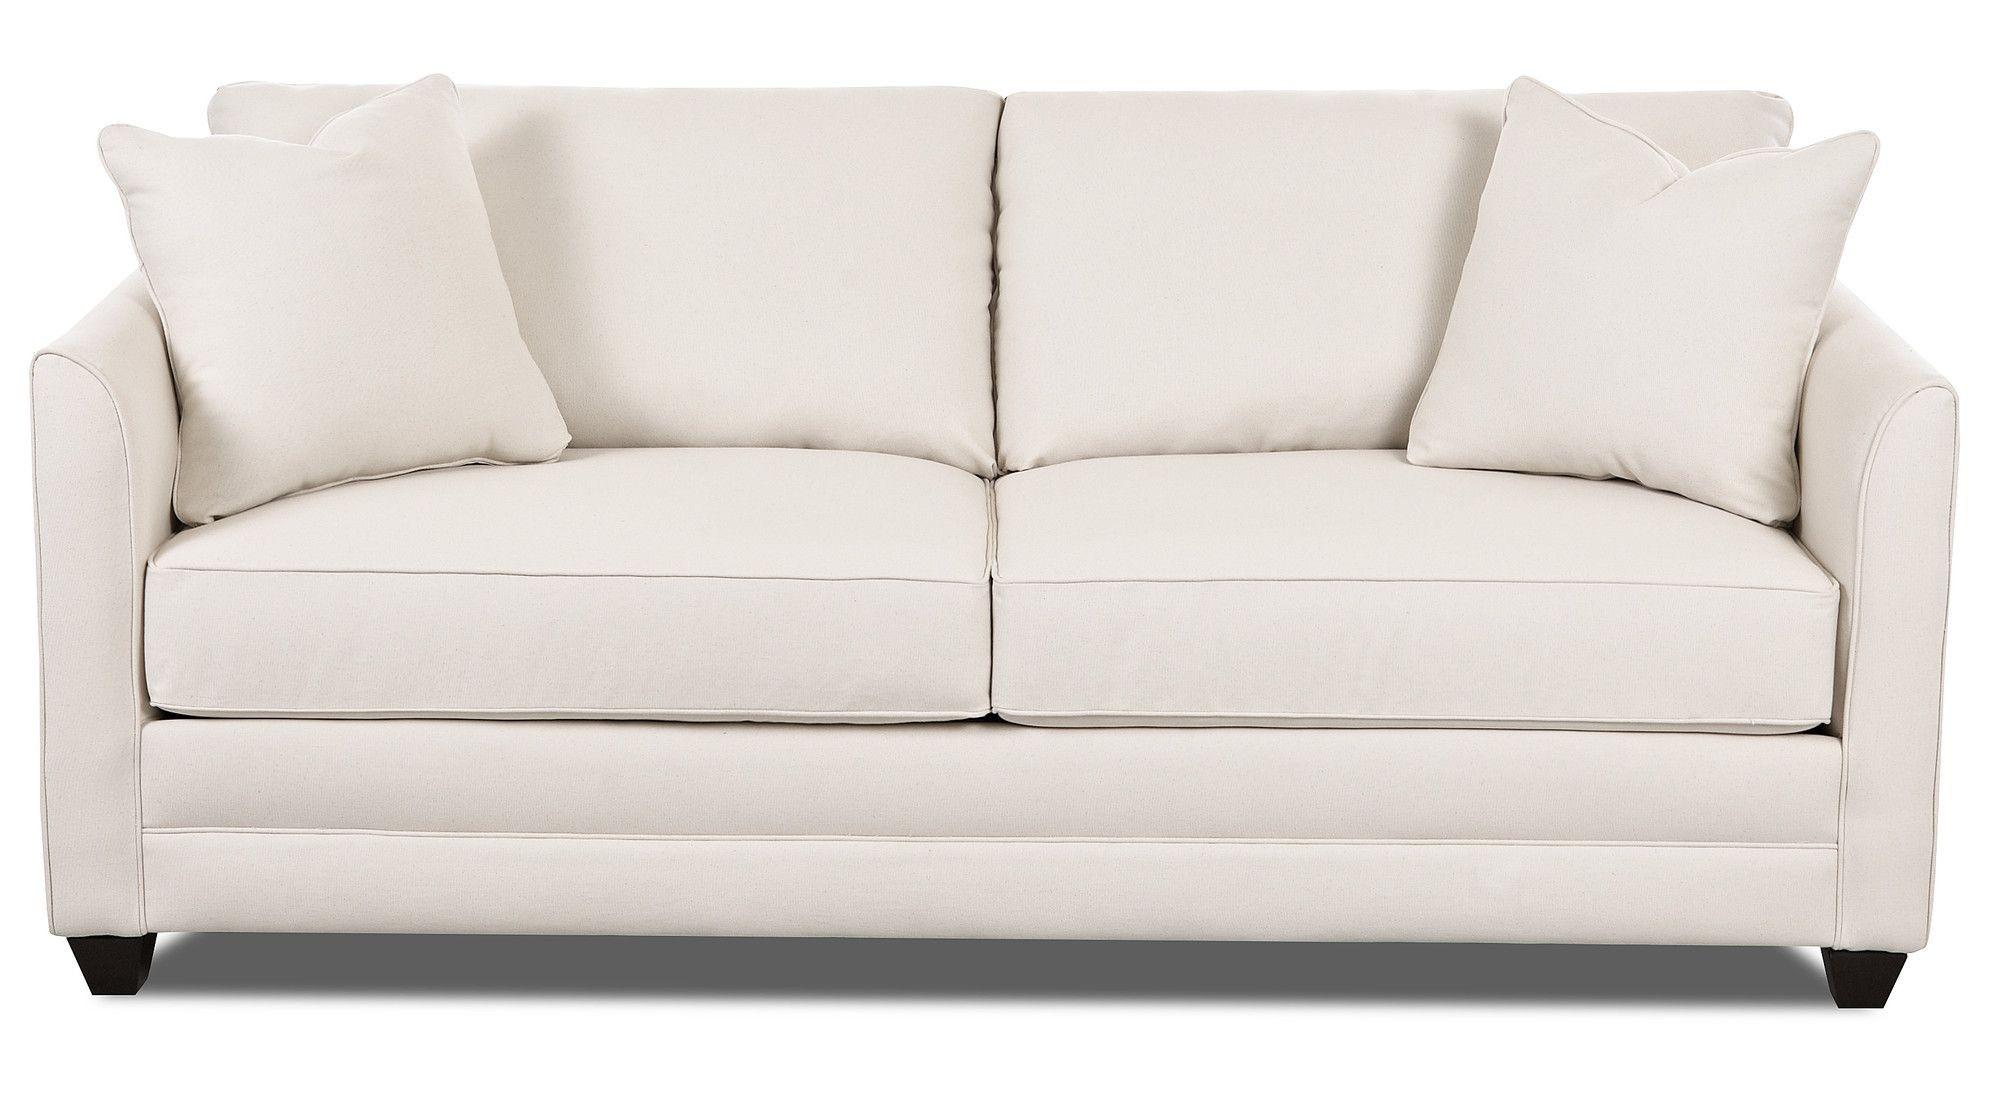 Các loại cơ chế giường sofa hot nhất năm 2020